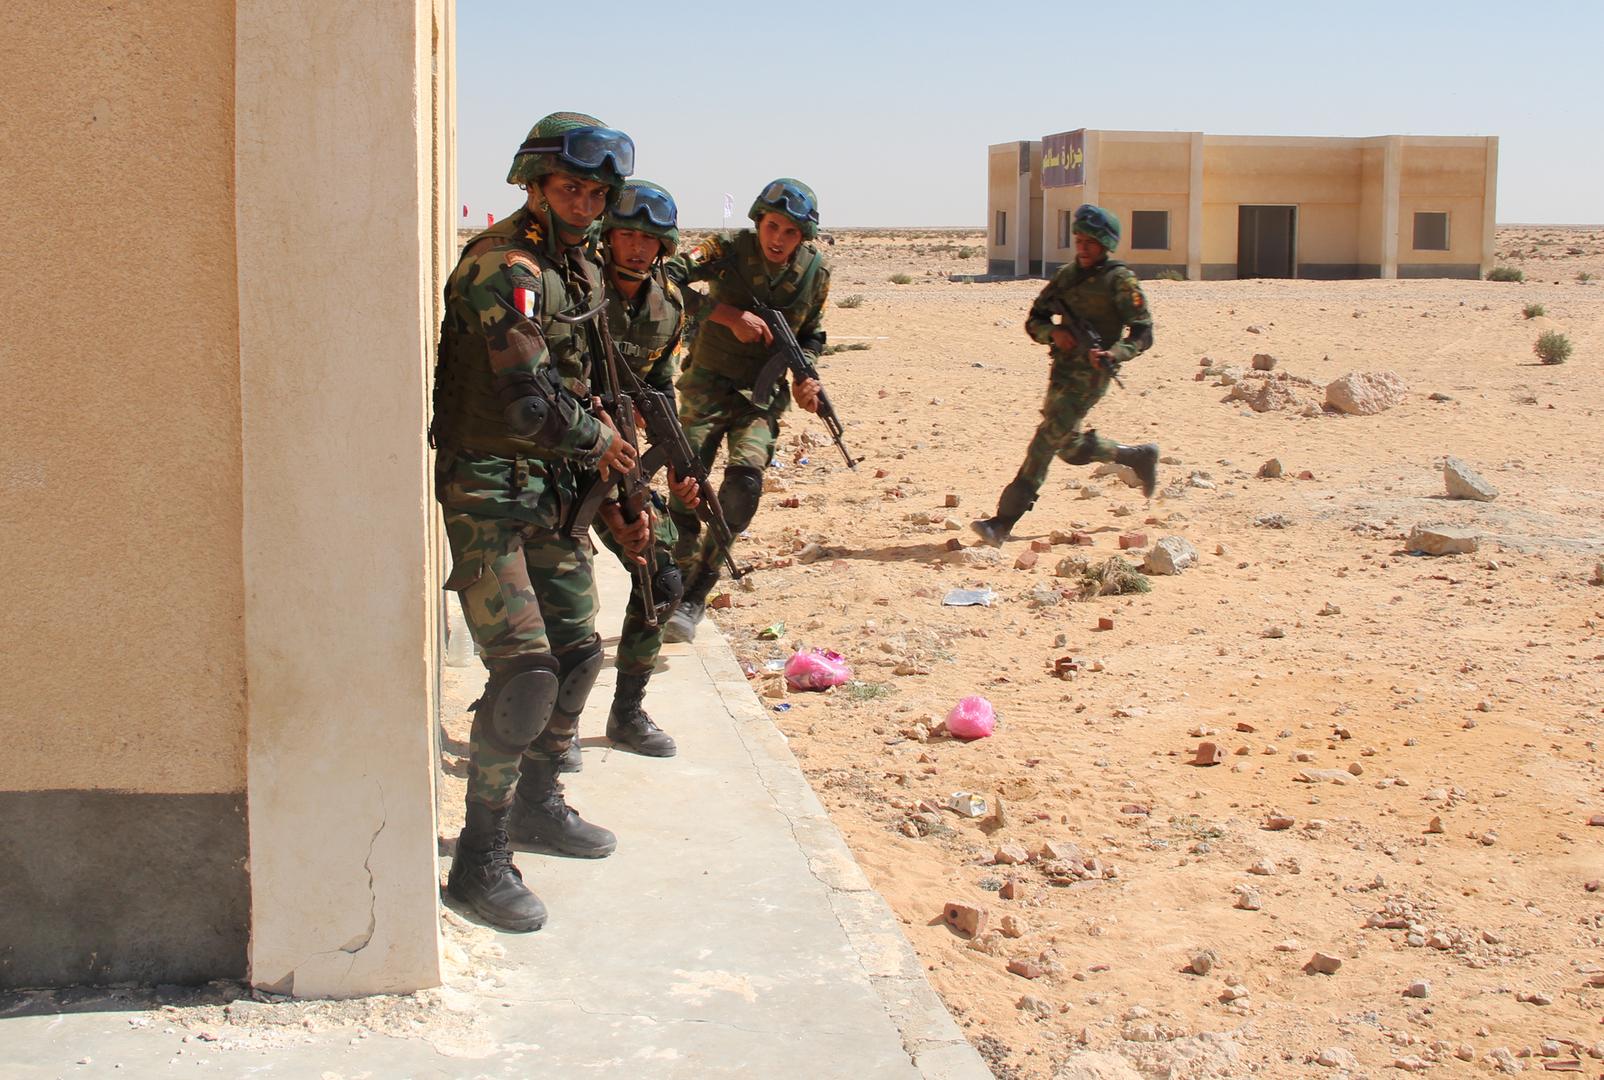 رئيس أركان حرب الجيش المصري: مهتمون في تخريج مقاتلين بـ